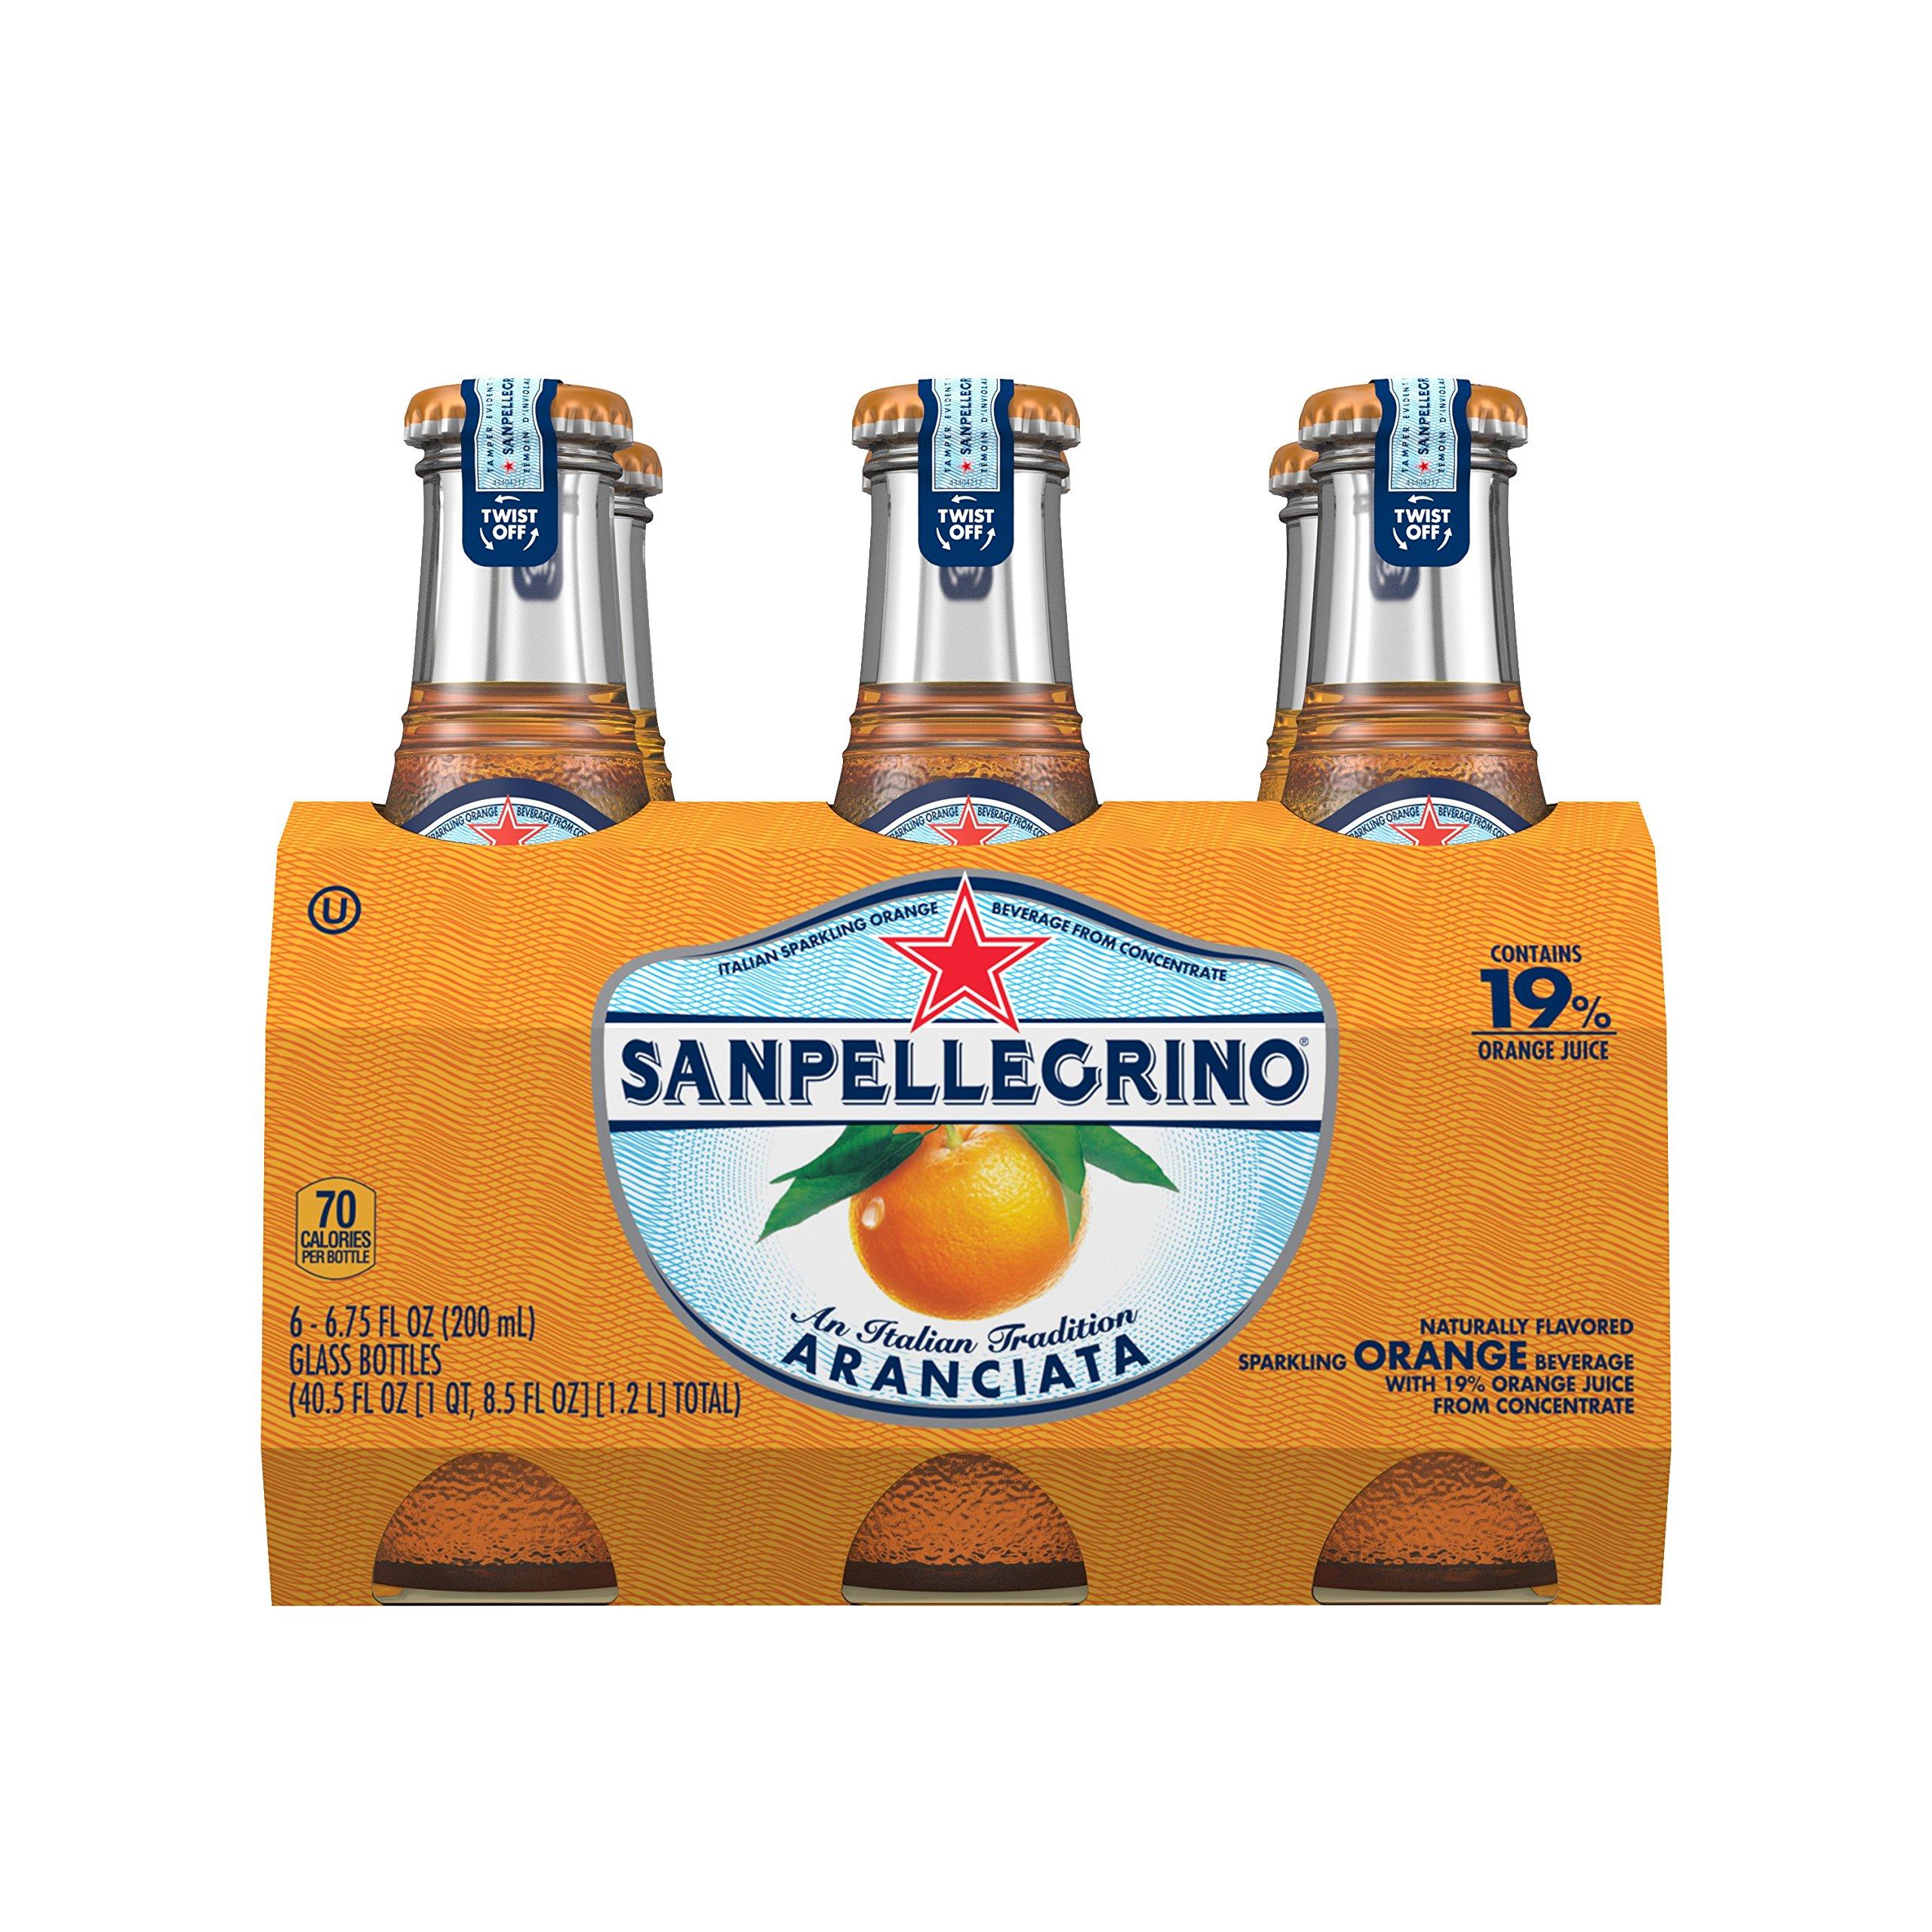 Sanpellegrino Orange Sparkling Fruit Beverage, 6.75 fl oz. Glass Bottles (6 Count)